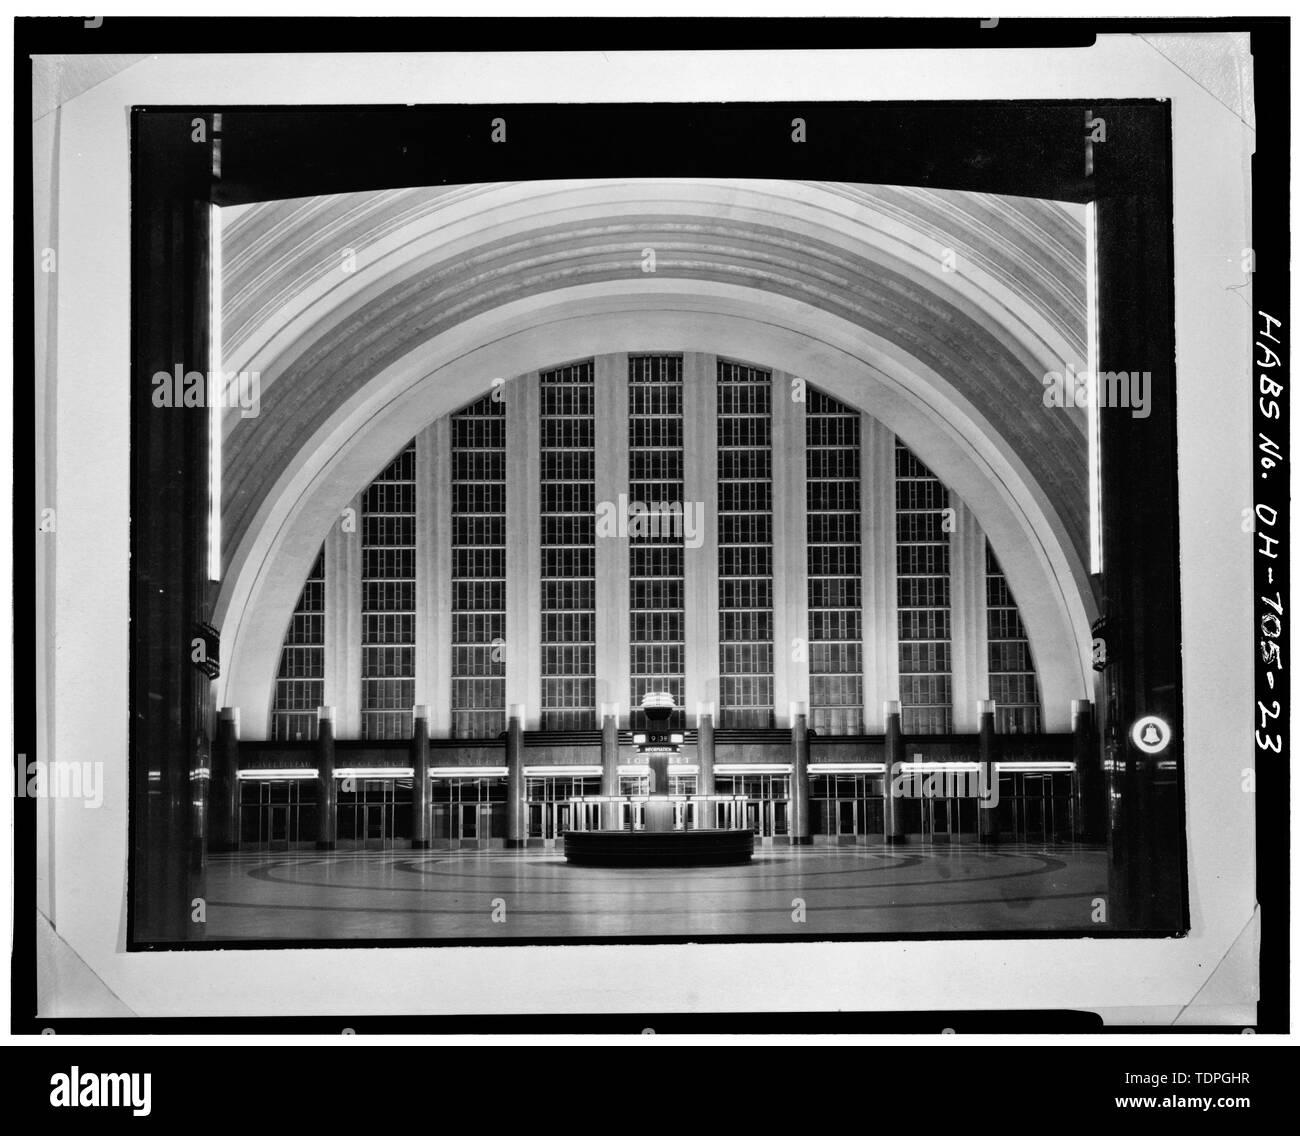 CONCOURSE, LOOKING EAST - Cincinnati Union Terminal, 1301 Western Avenue, Cincinnati, Hamilton County, OH - Stock Image